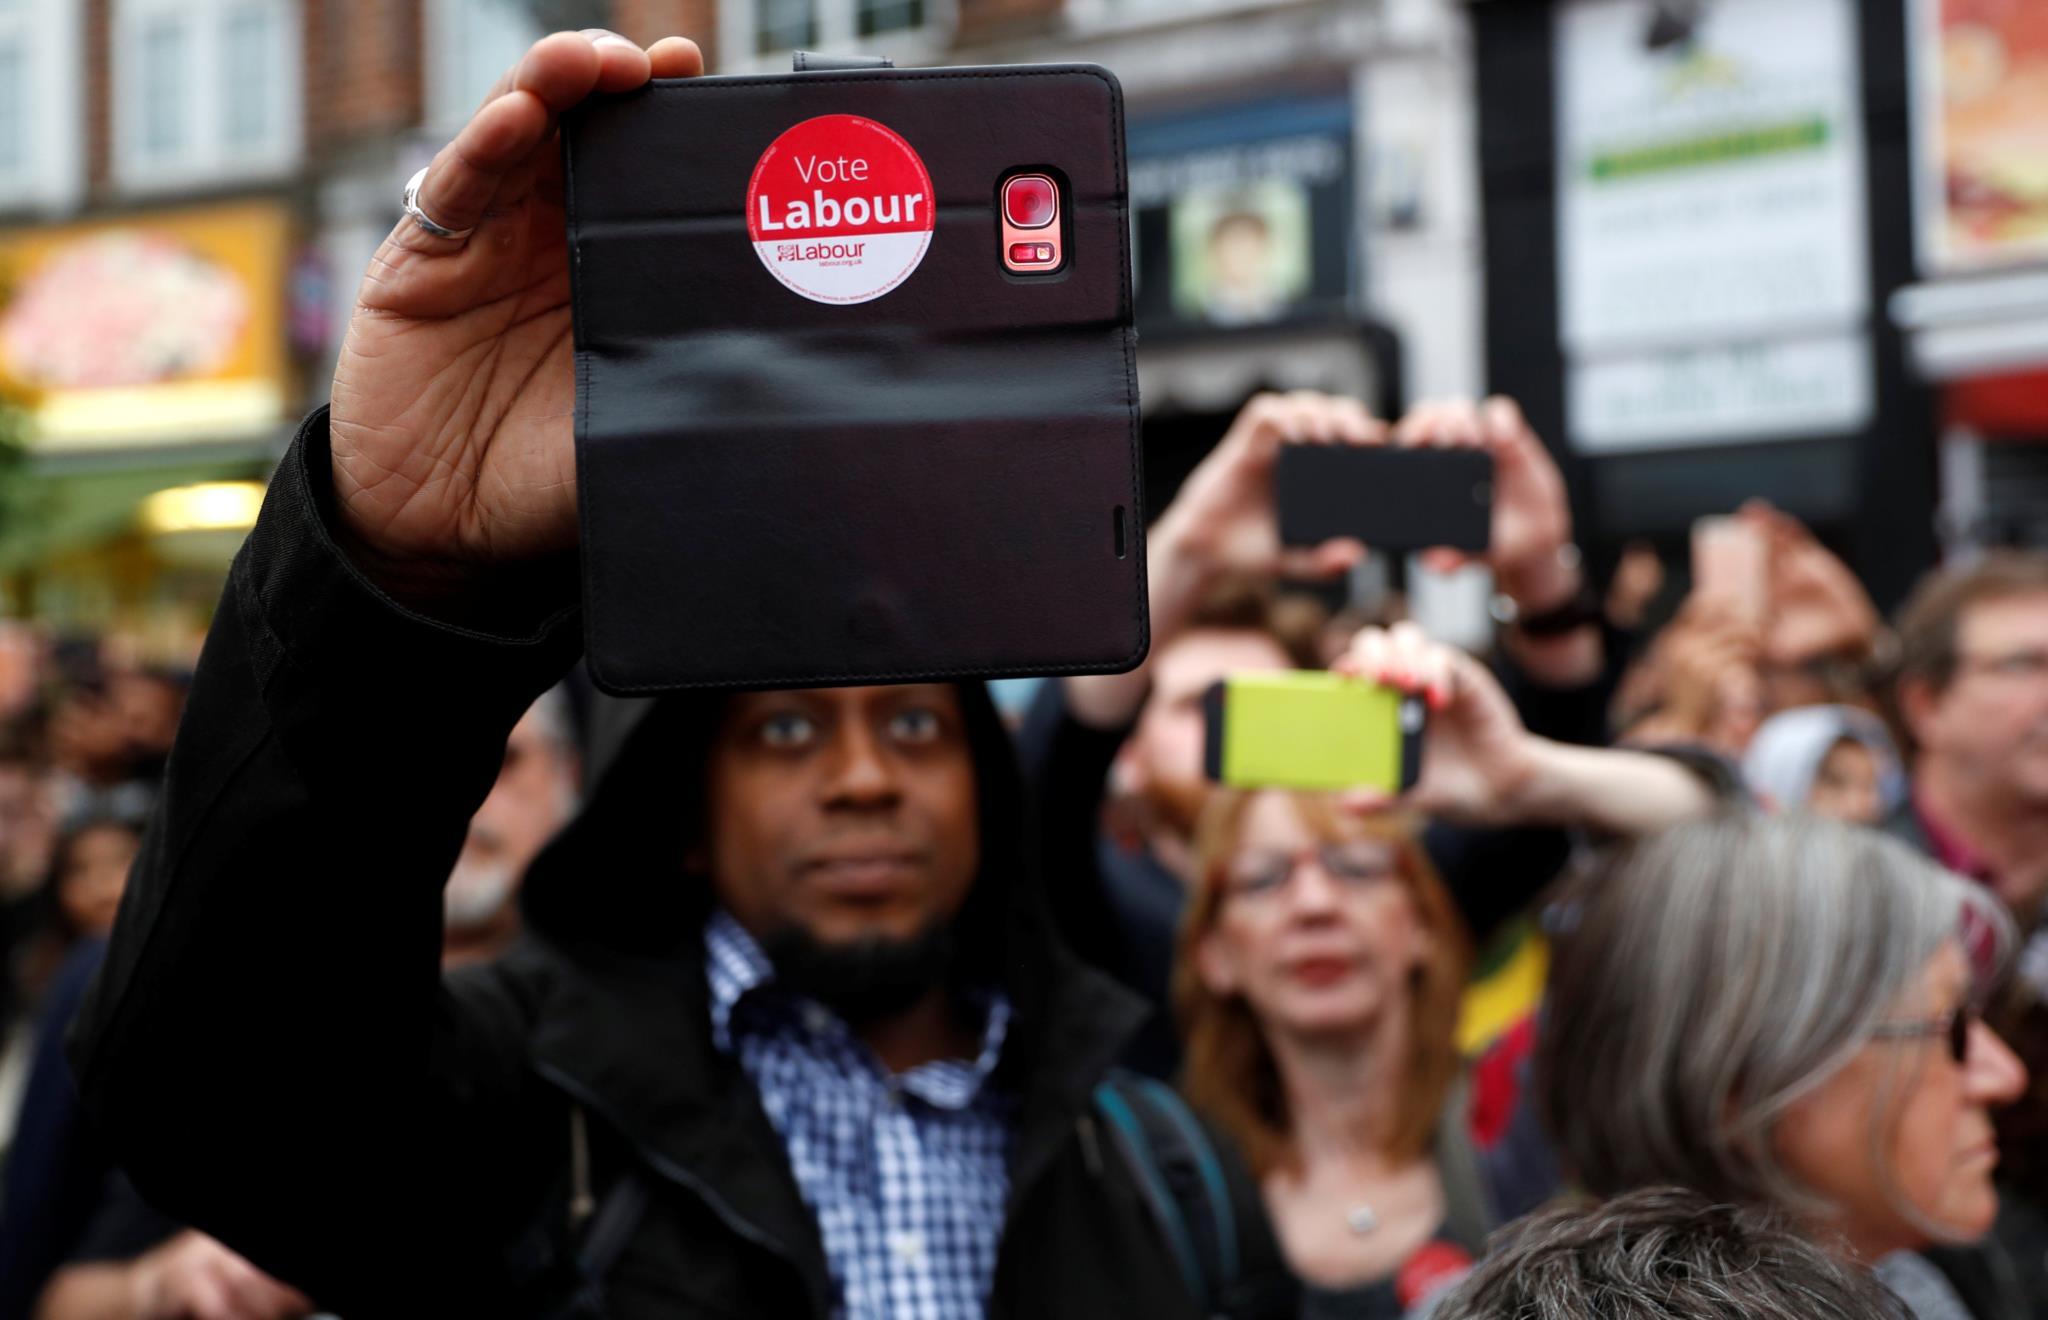 Um apoiante de Jeremy Corbyn, candidato do Partido Trabalhista, filma parte de um dos últimos comícios da campanha, antes da votação de quinta-feira